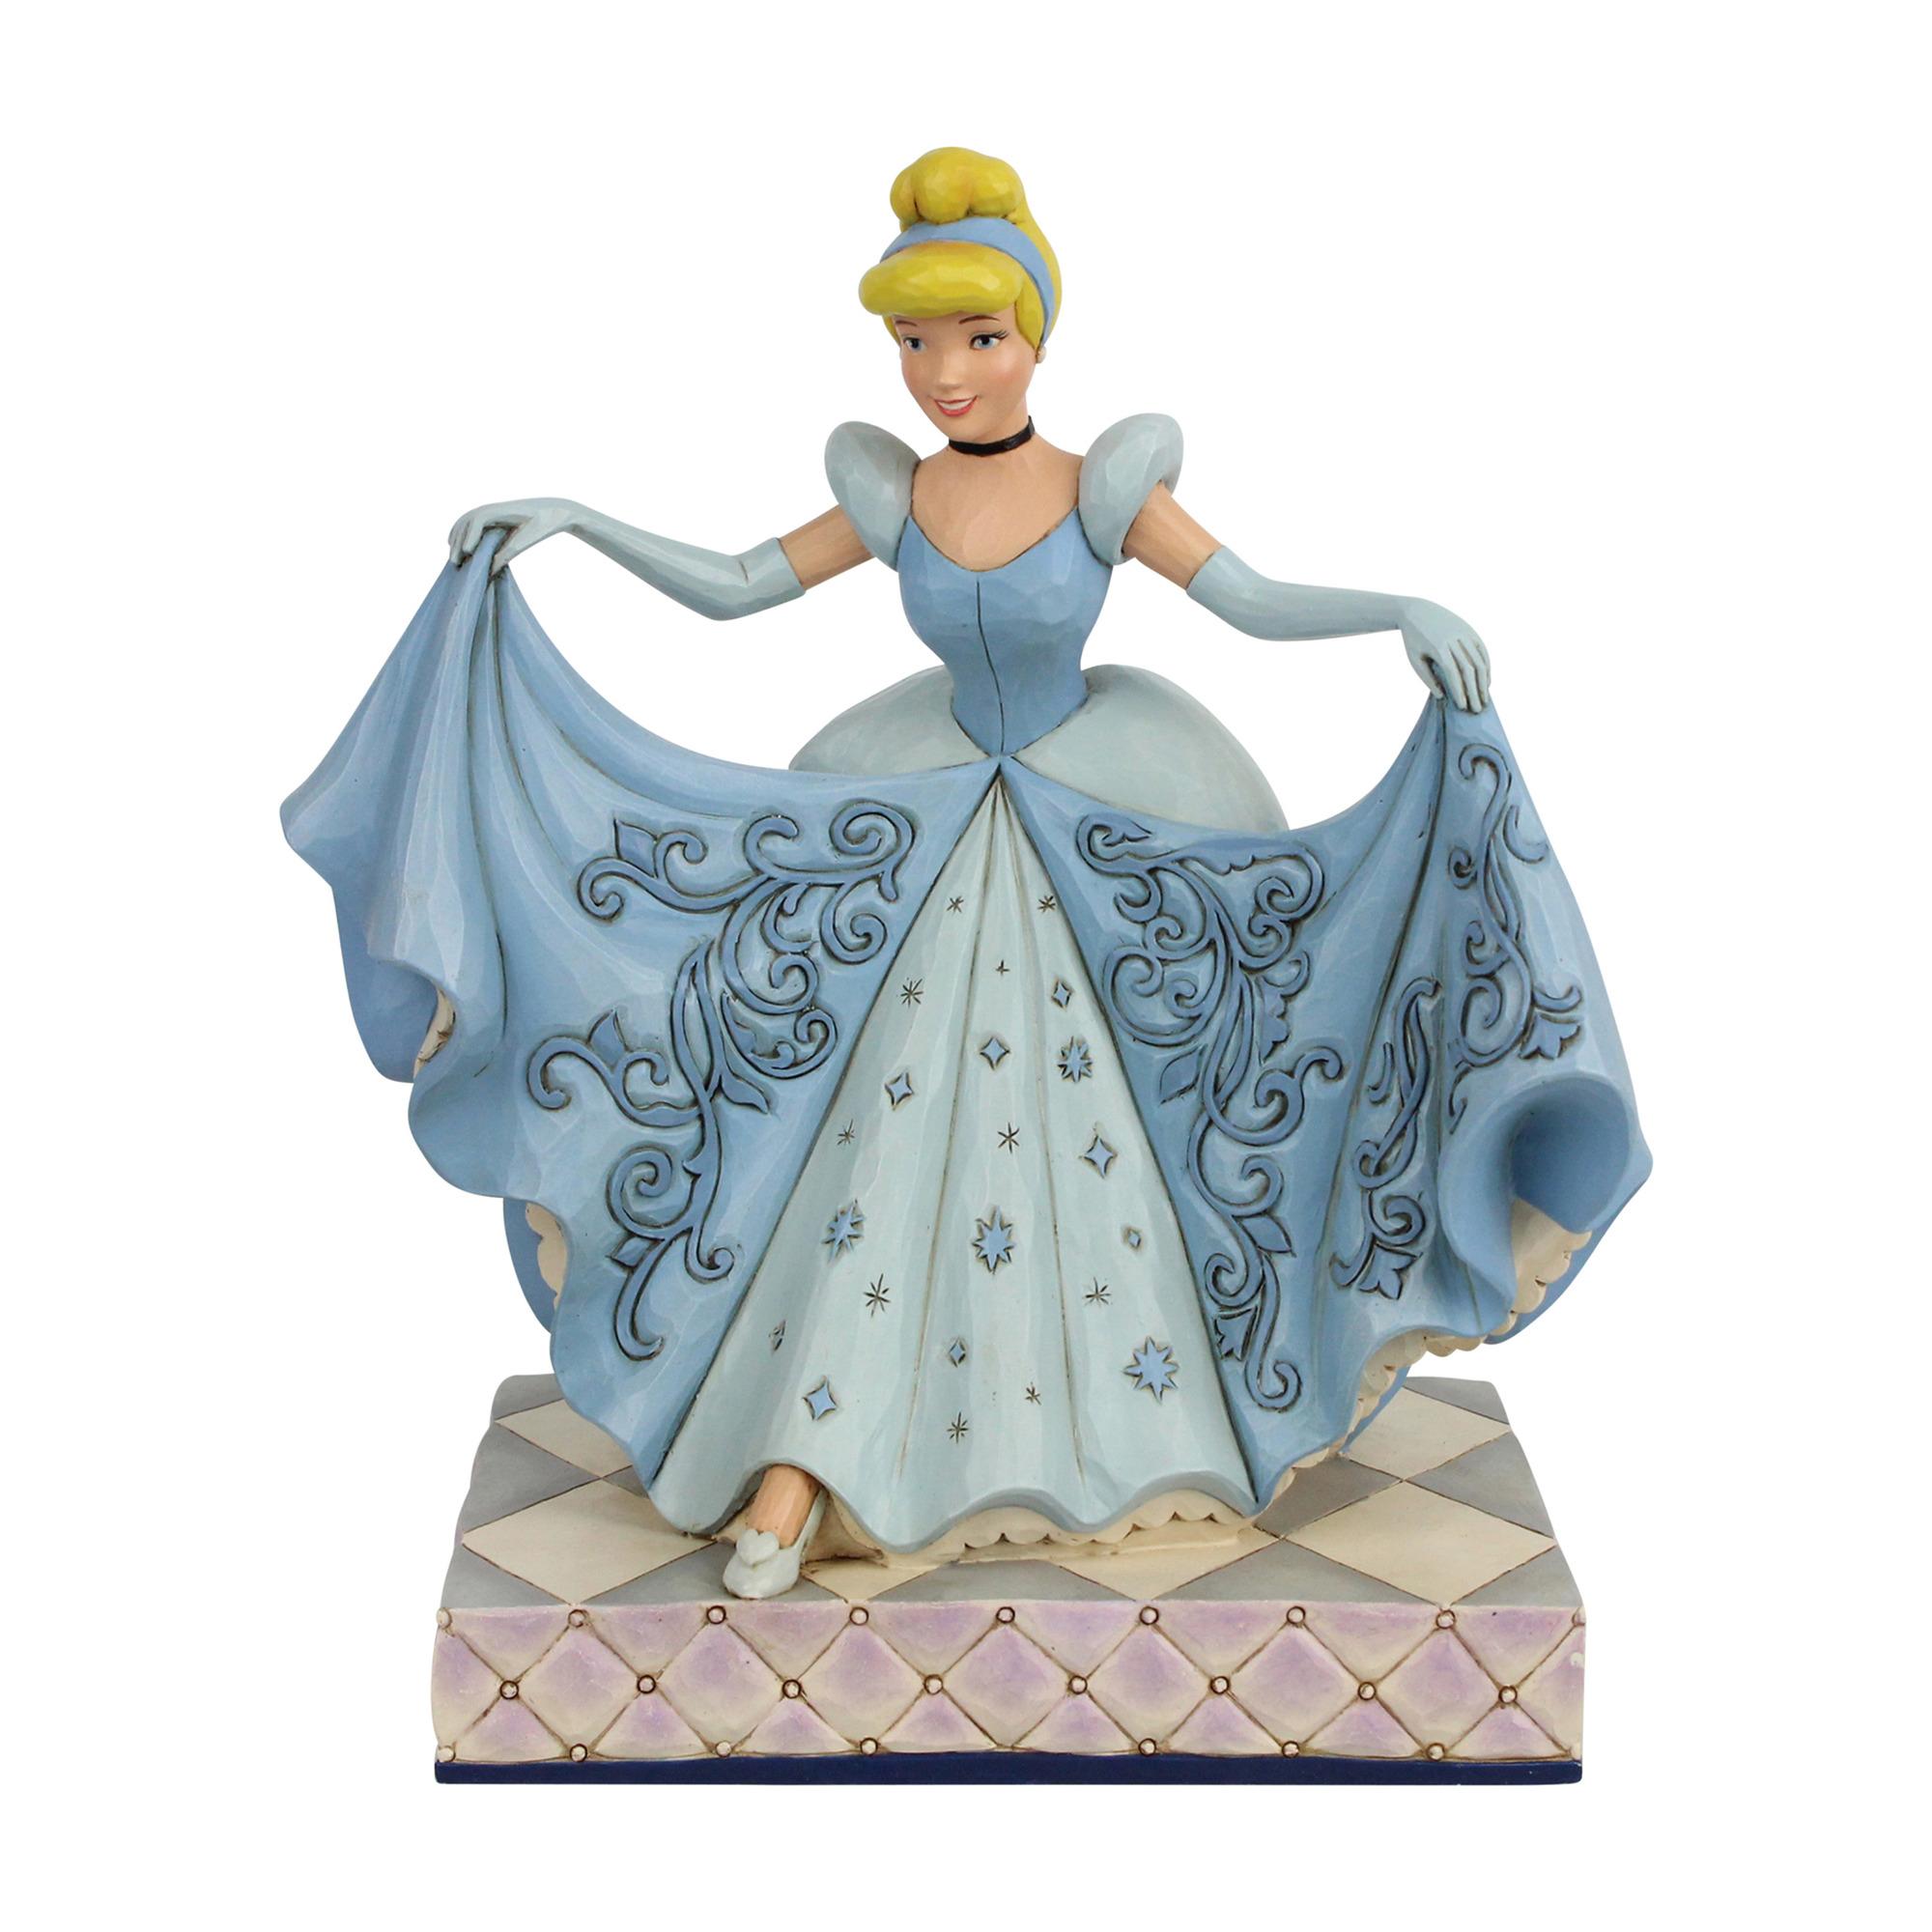 6007054 Cinderella Transformation